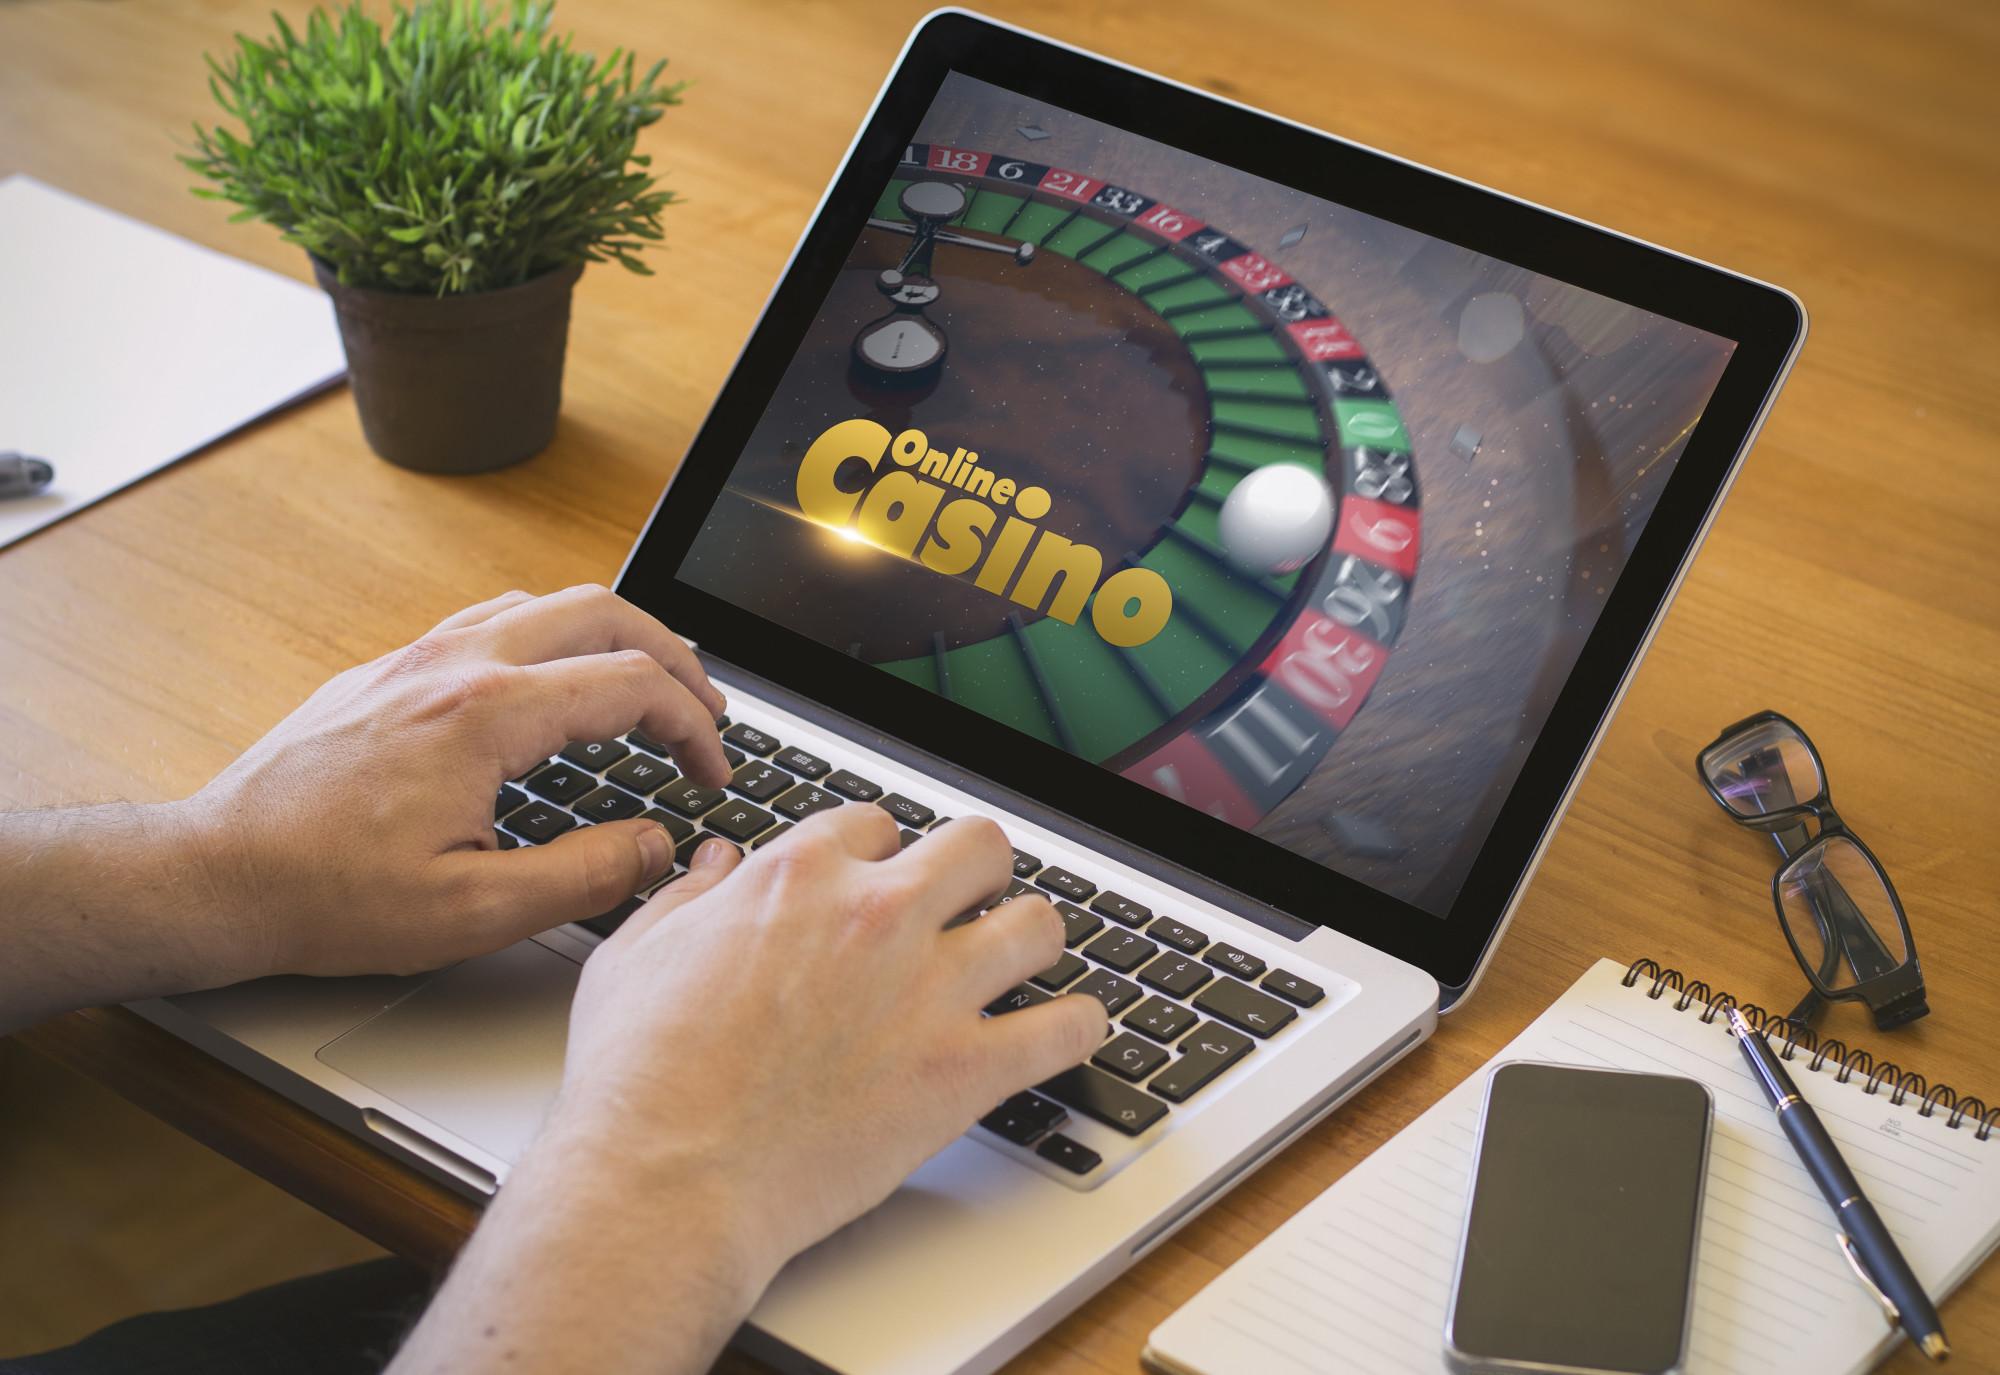 วิธีการเล่นเว็บไซต์รับพนันออนไลน์ ให้สนุกสนาน และได้เงินจำนวนมาก